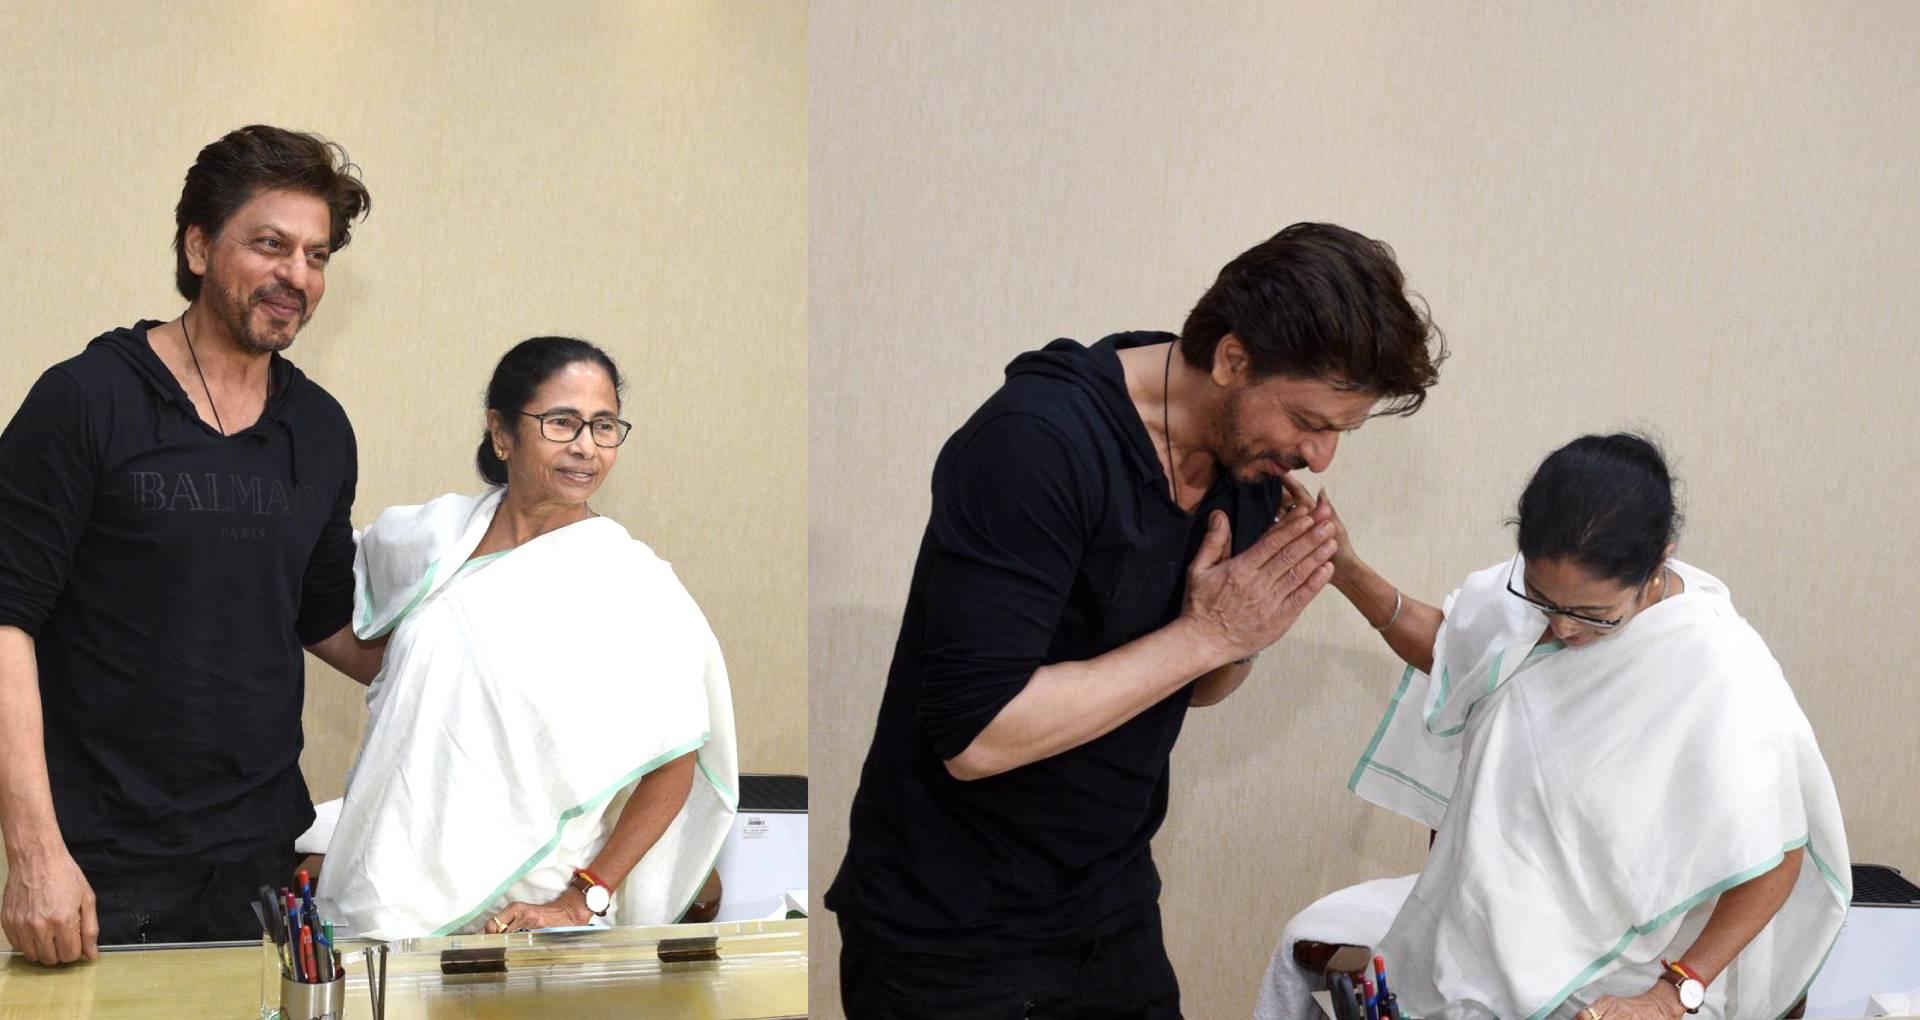 बॉलीवुड के किंग शाहरुख खान ने पश्चिम बंगाल की मुख्यमंत्री की मुलाकात, इस काम के लिया ममता बनर्जी से आर्शिवाद